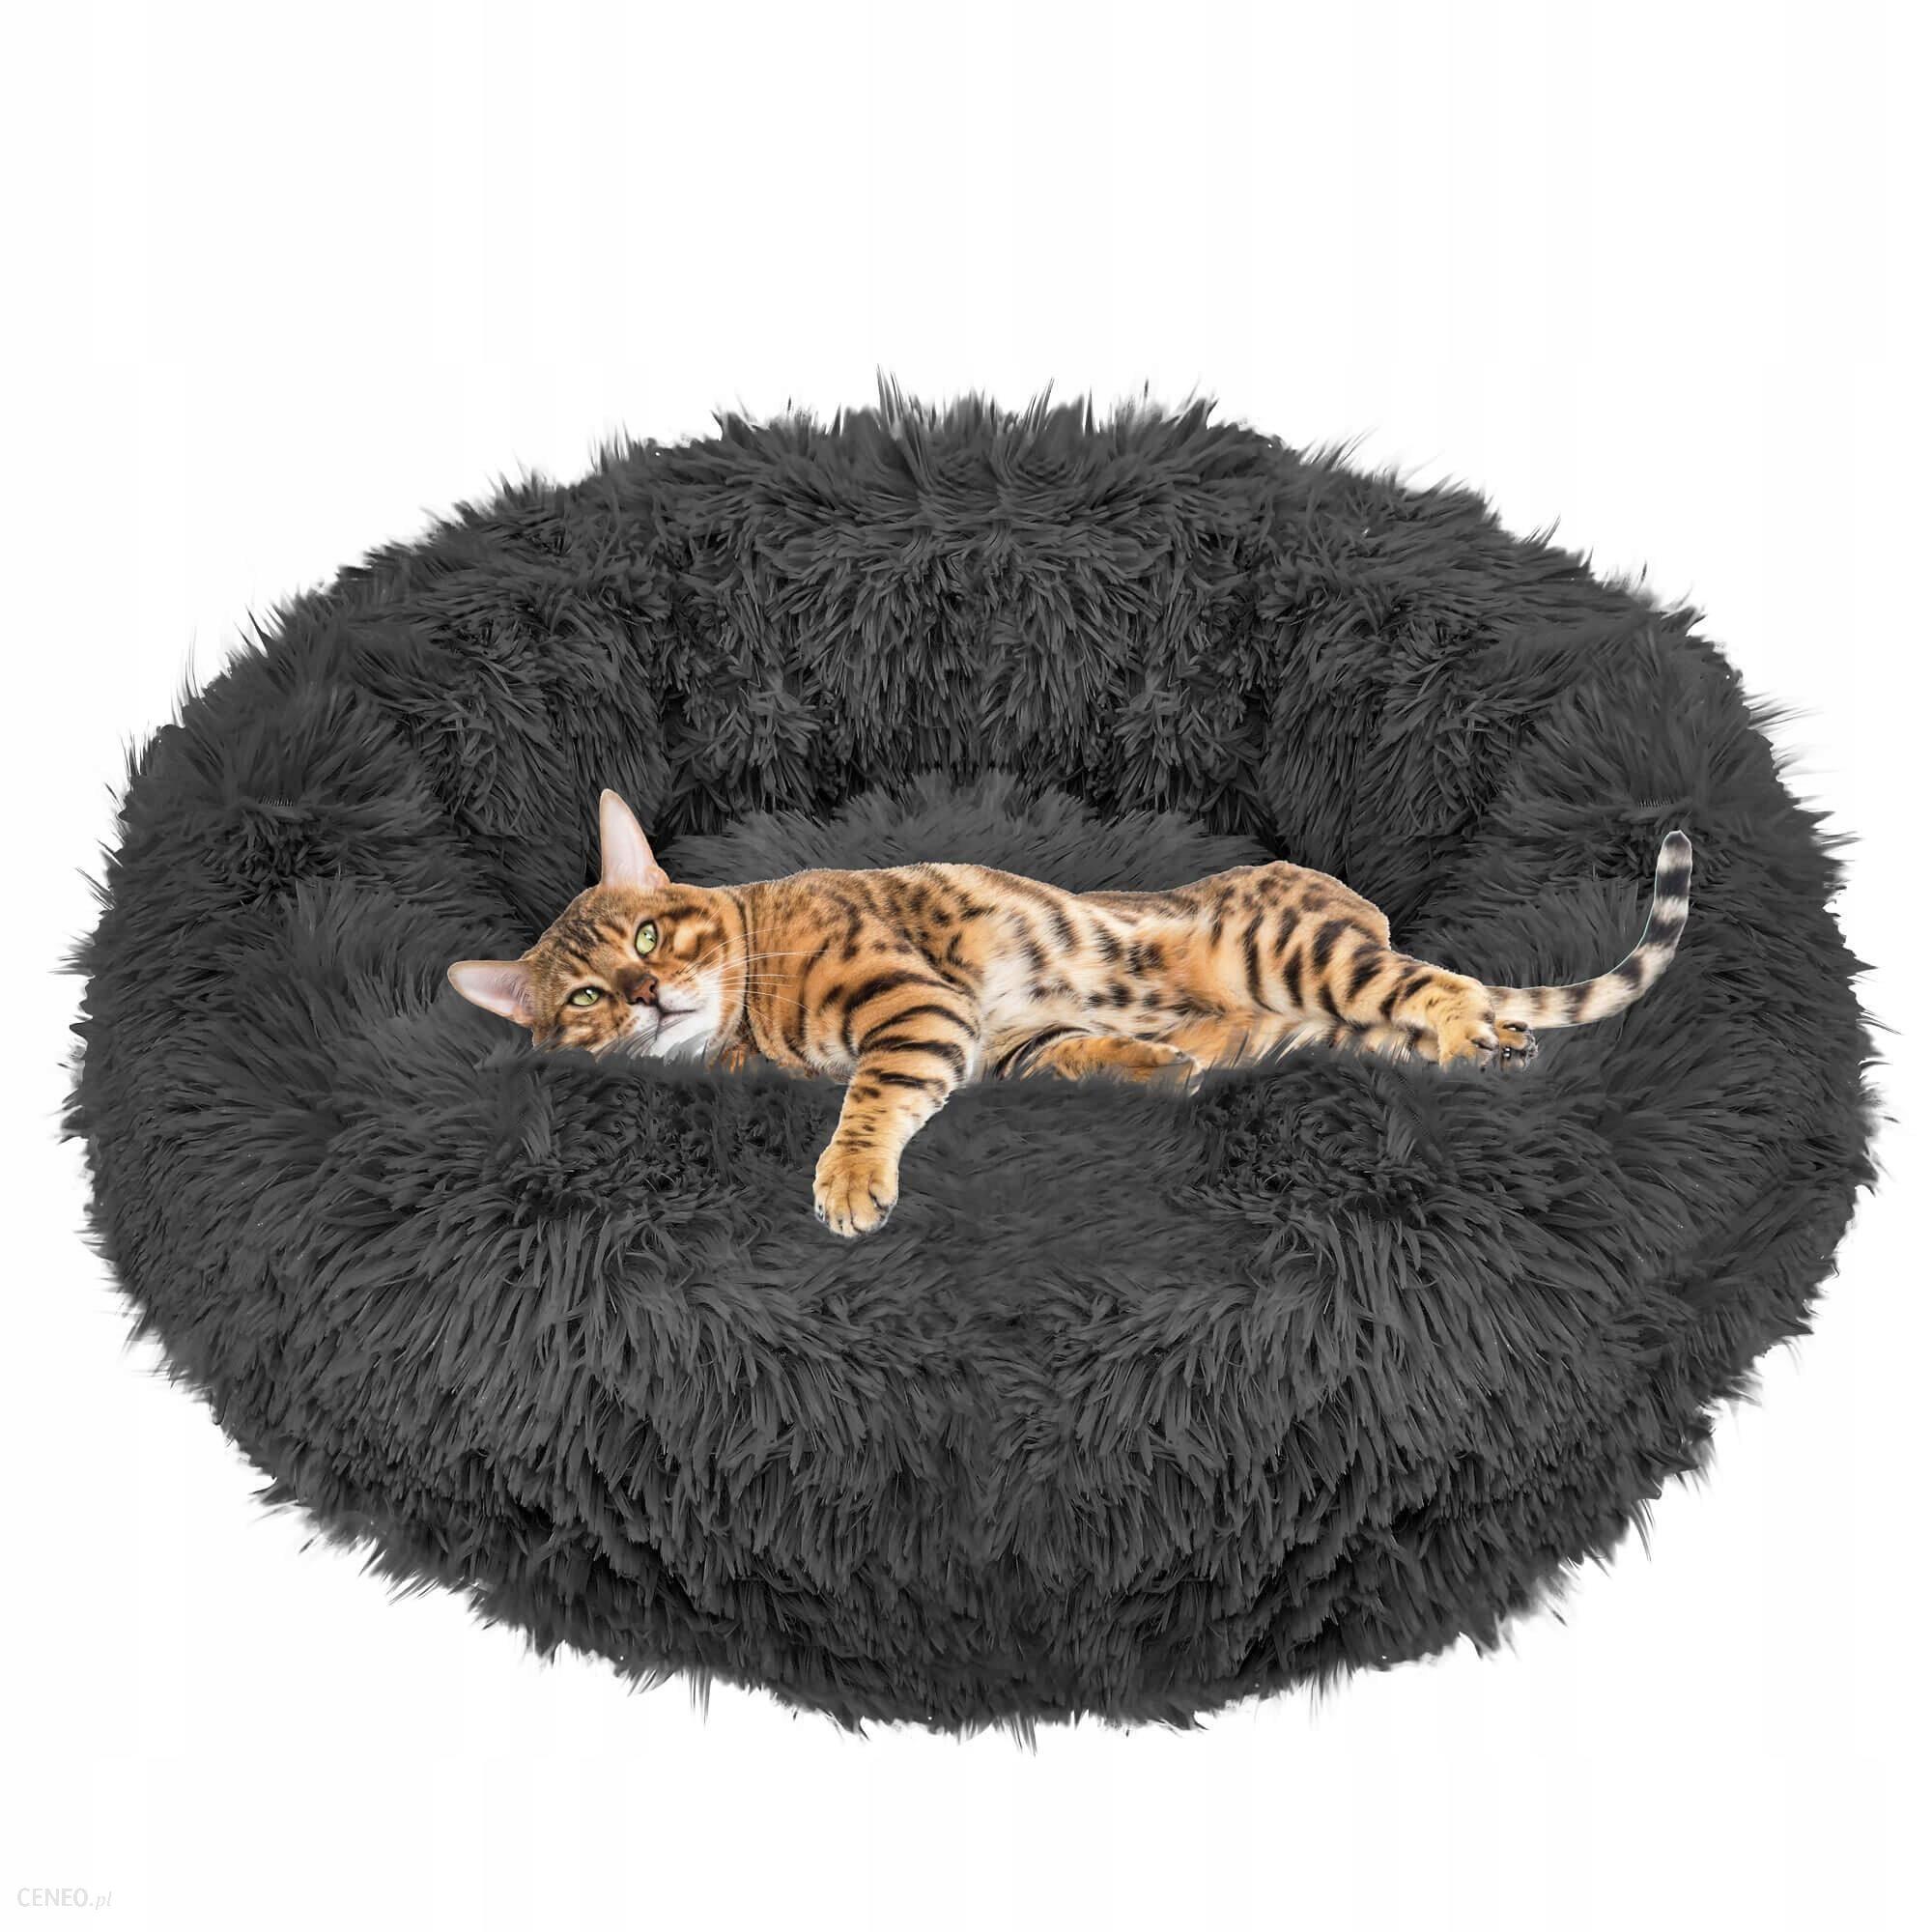 Круглая плюшевая кровать для КОШКИ и СОБАКИ 50 см!